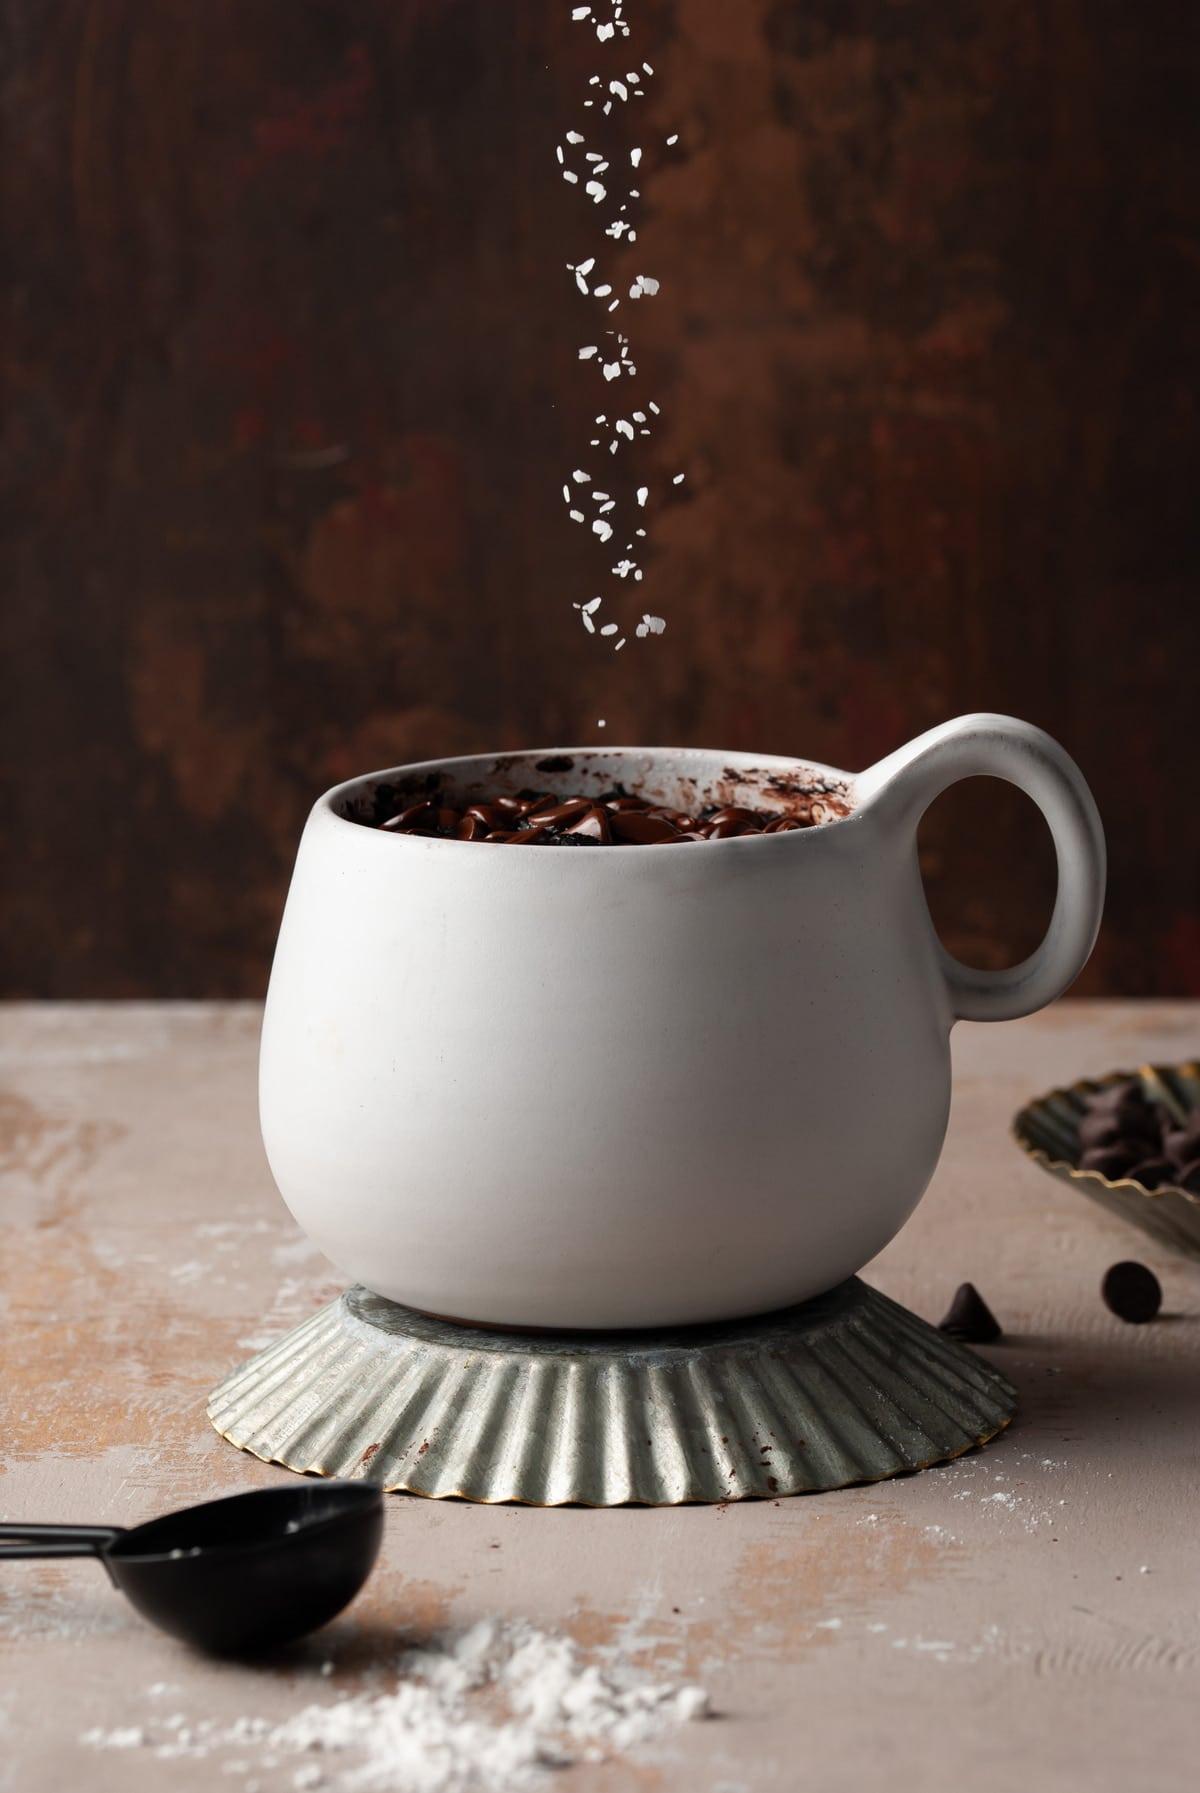 sprinkling flaky sea salt on chocolate mug dessert